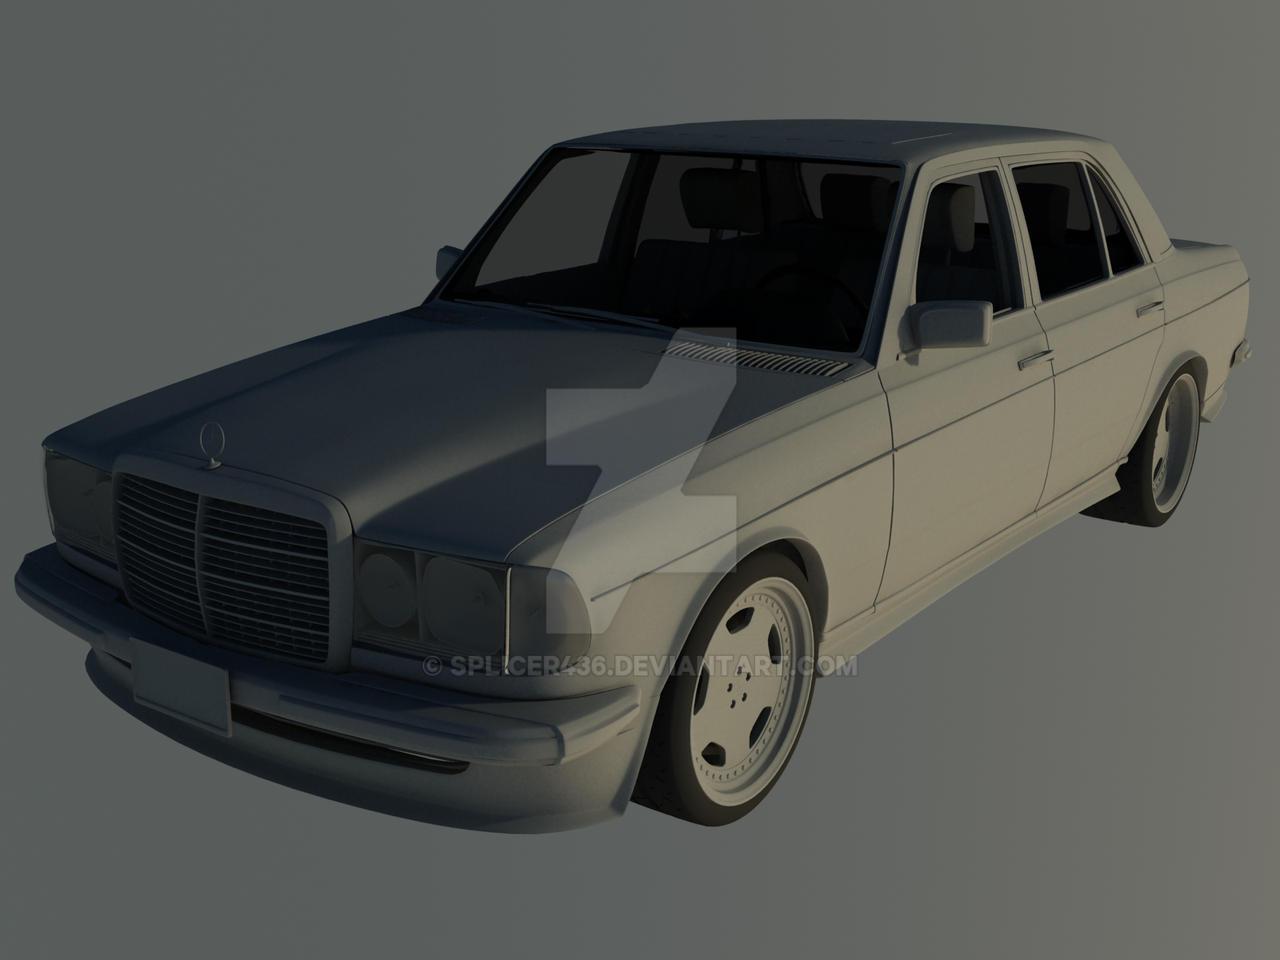 AMG Mercedes W123 Clay Render by Splicer436 on DeviantArt